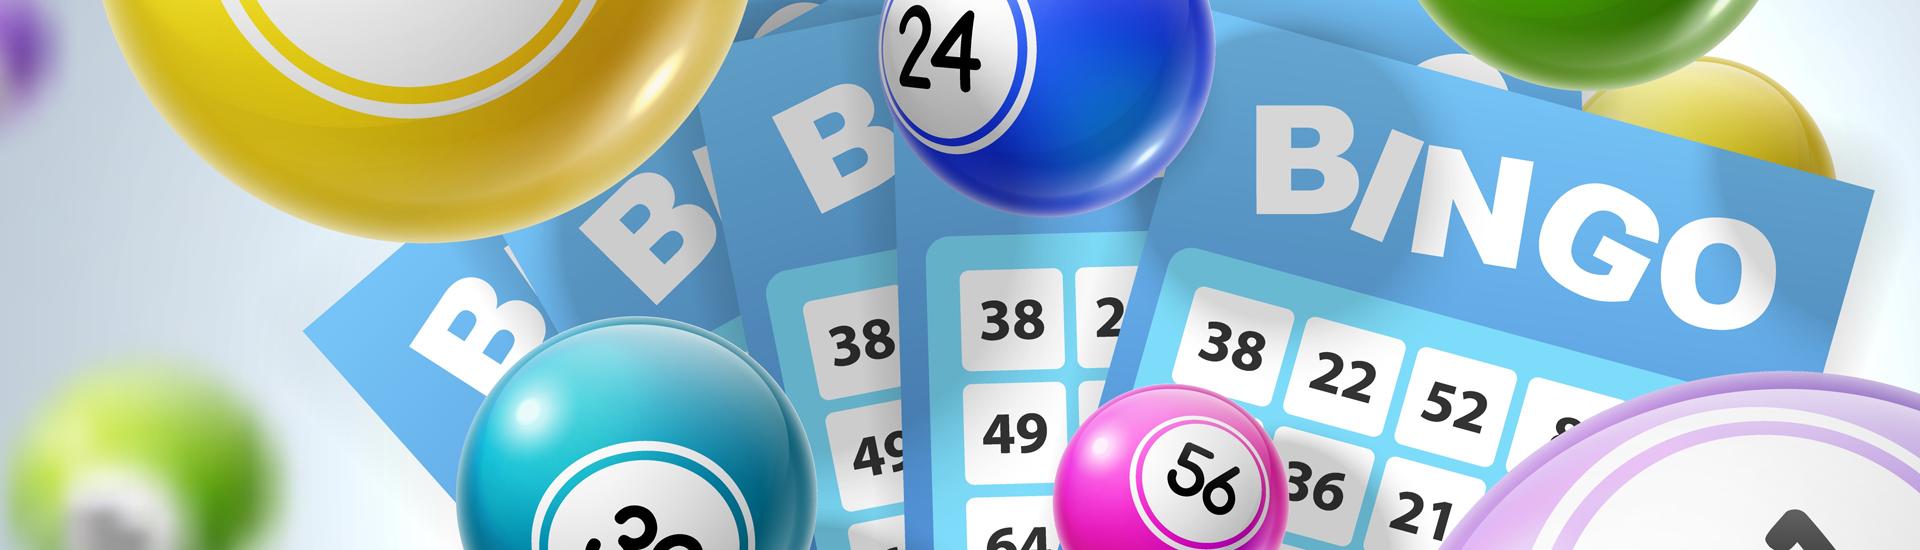 Nu blir det Bingo!